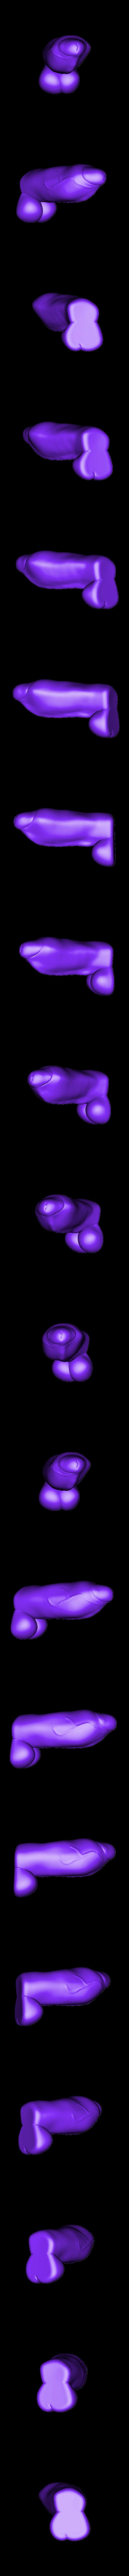 UMesh_Cock12020_(2)1_2_SubTool2.stl Download STL file dicks,cocks,penises,dildos,diferent desings with balls. • 3D printer model, gaaraa